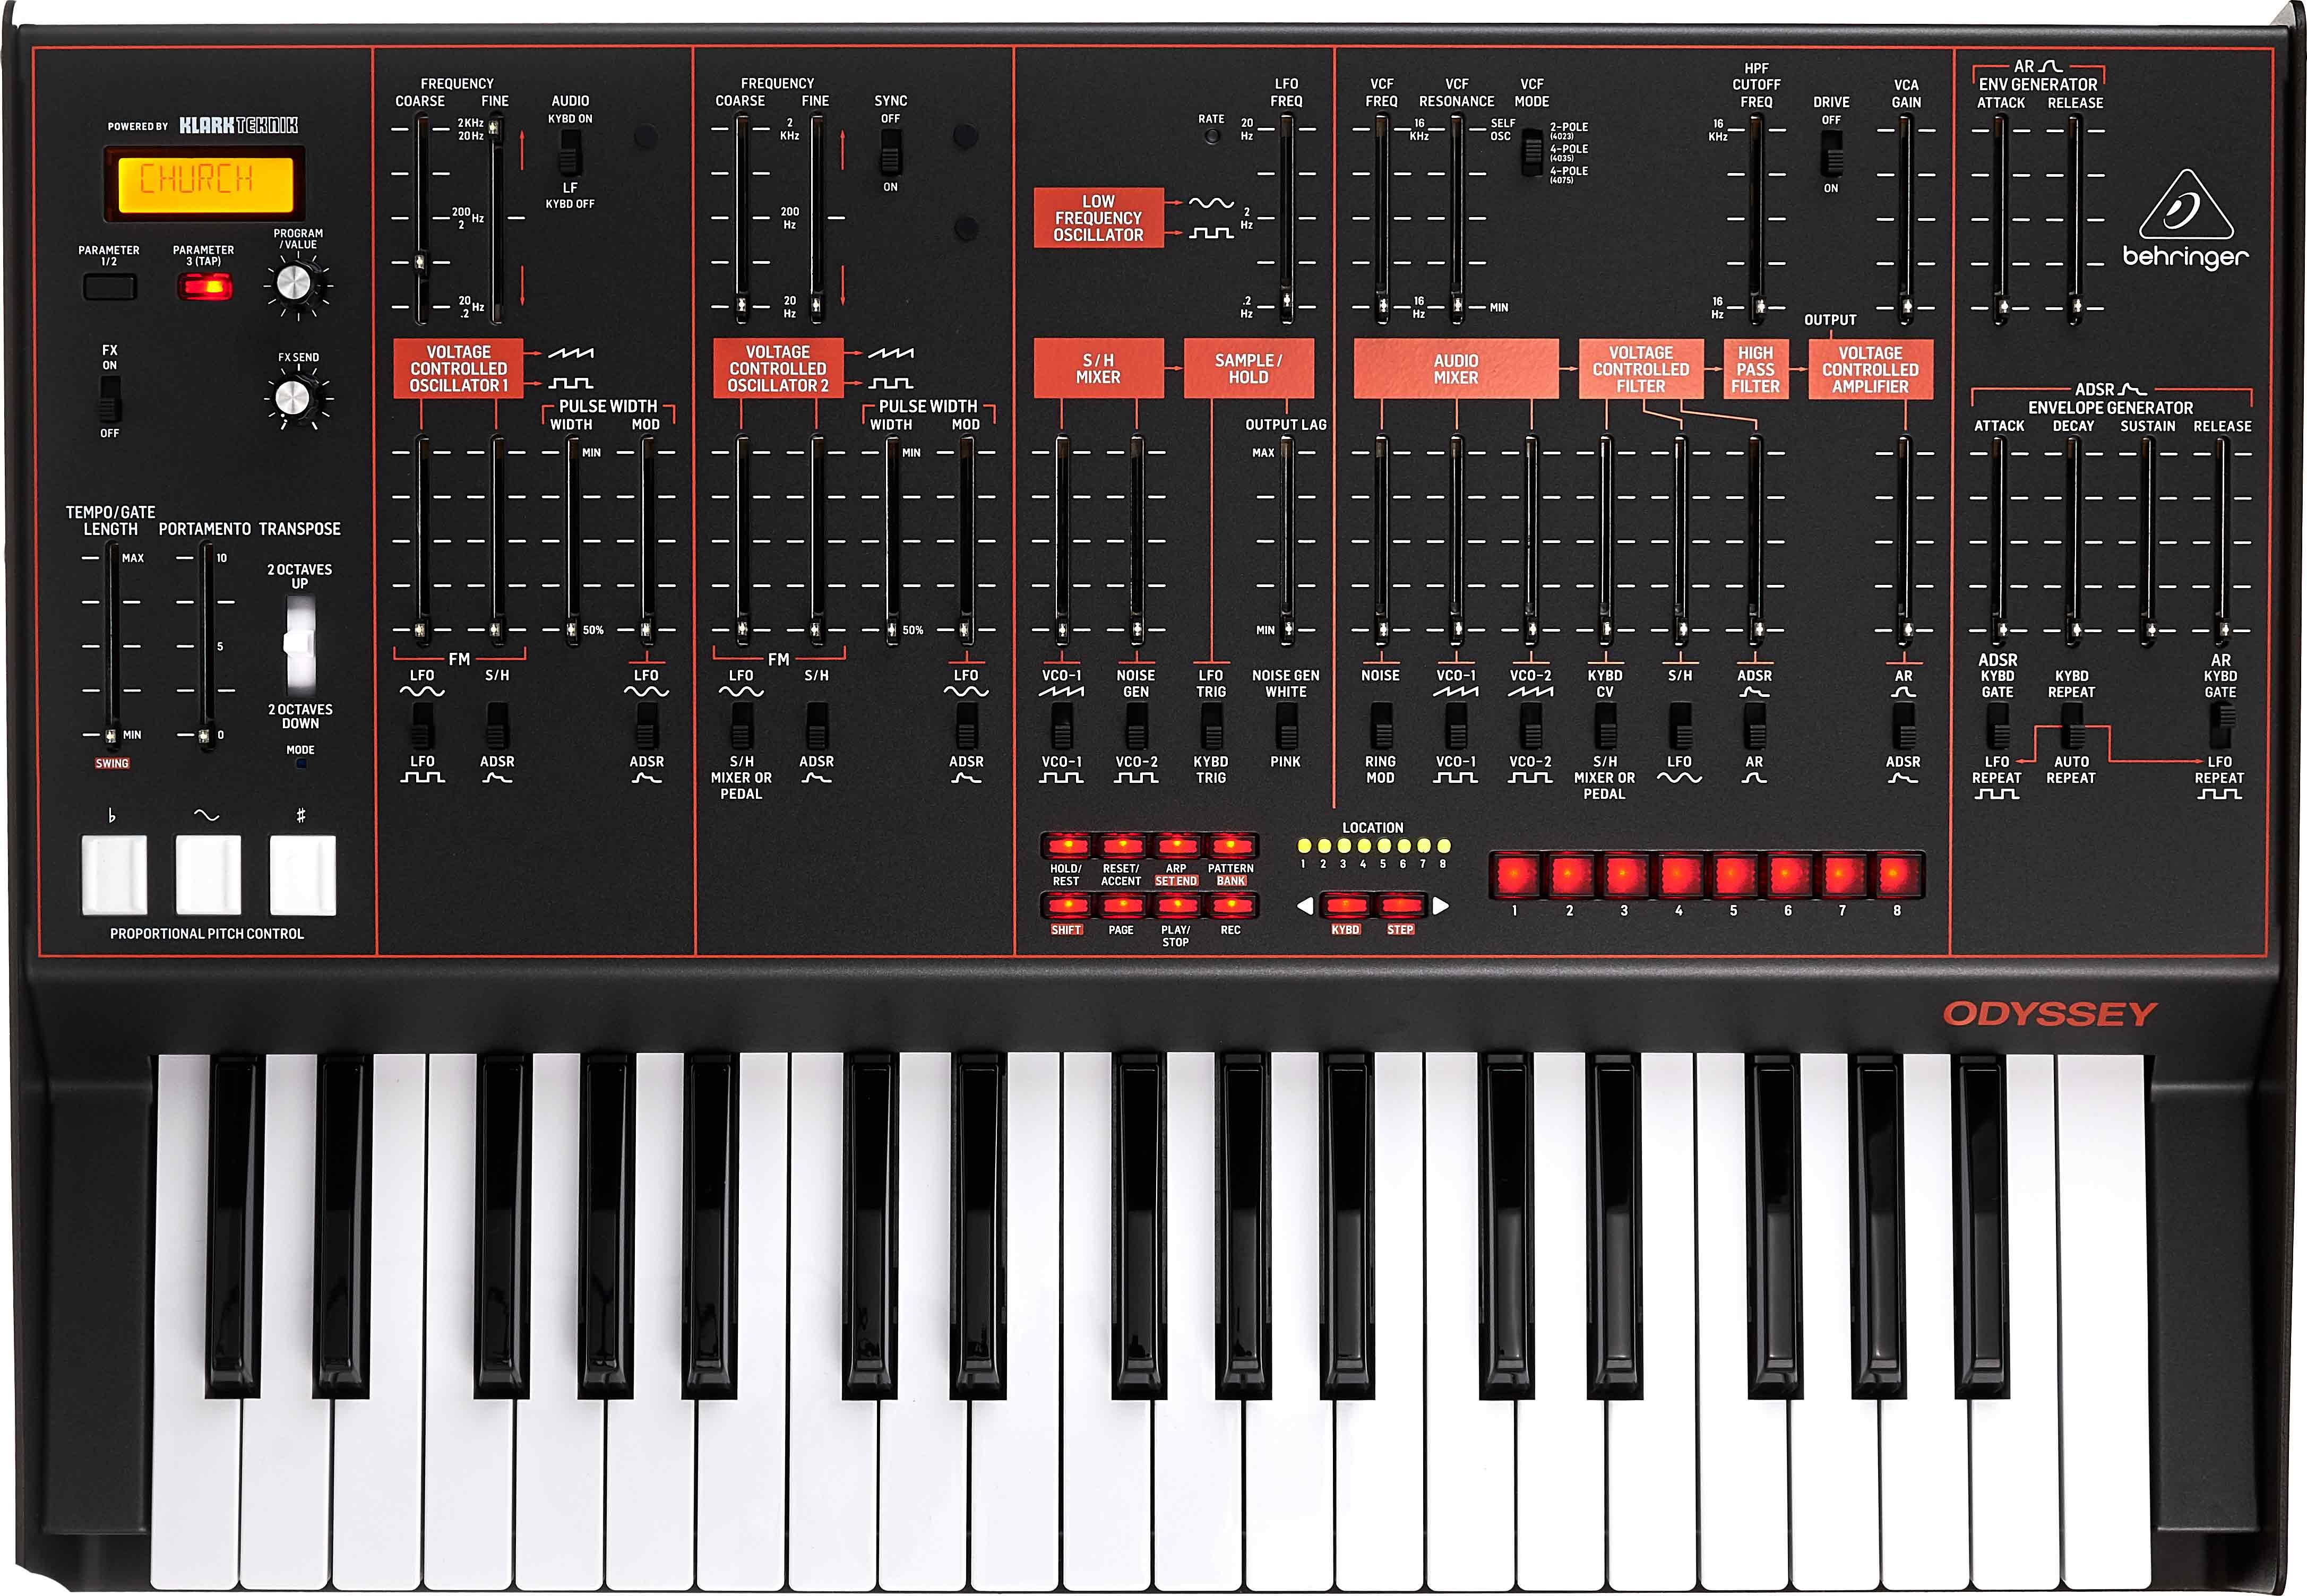 Der Behringer Odyssey Synthesizer von oben.